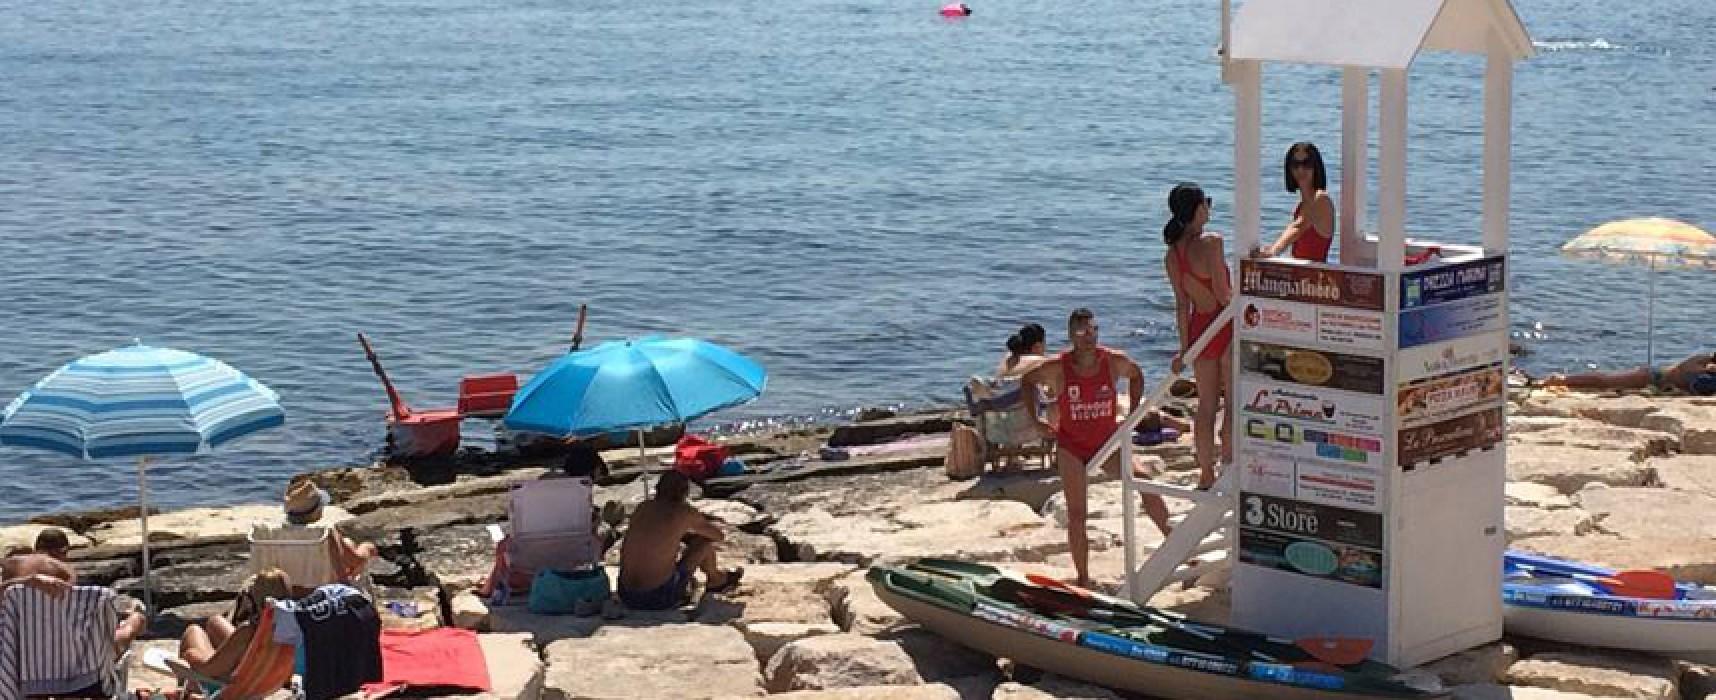 """Baywatch acquista pattino di salvataggio e promette: """"Presto spiaggia attrezzata per disabili"""""""